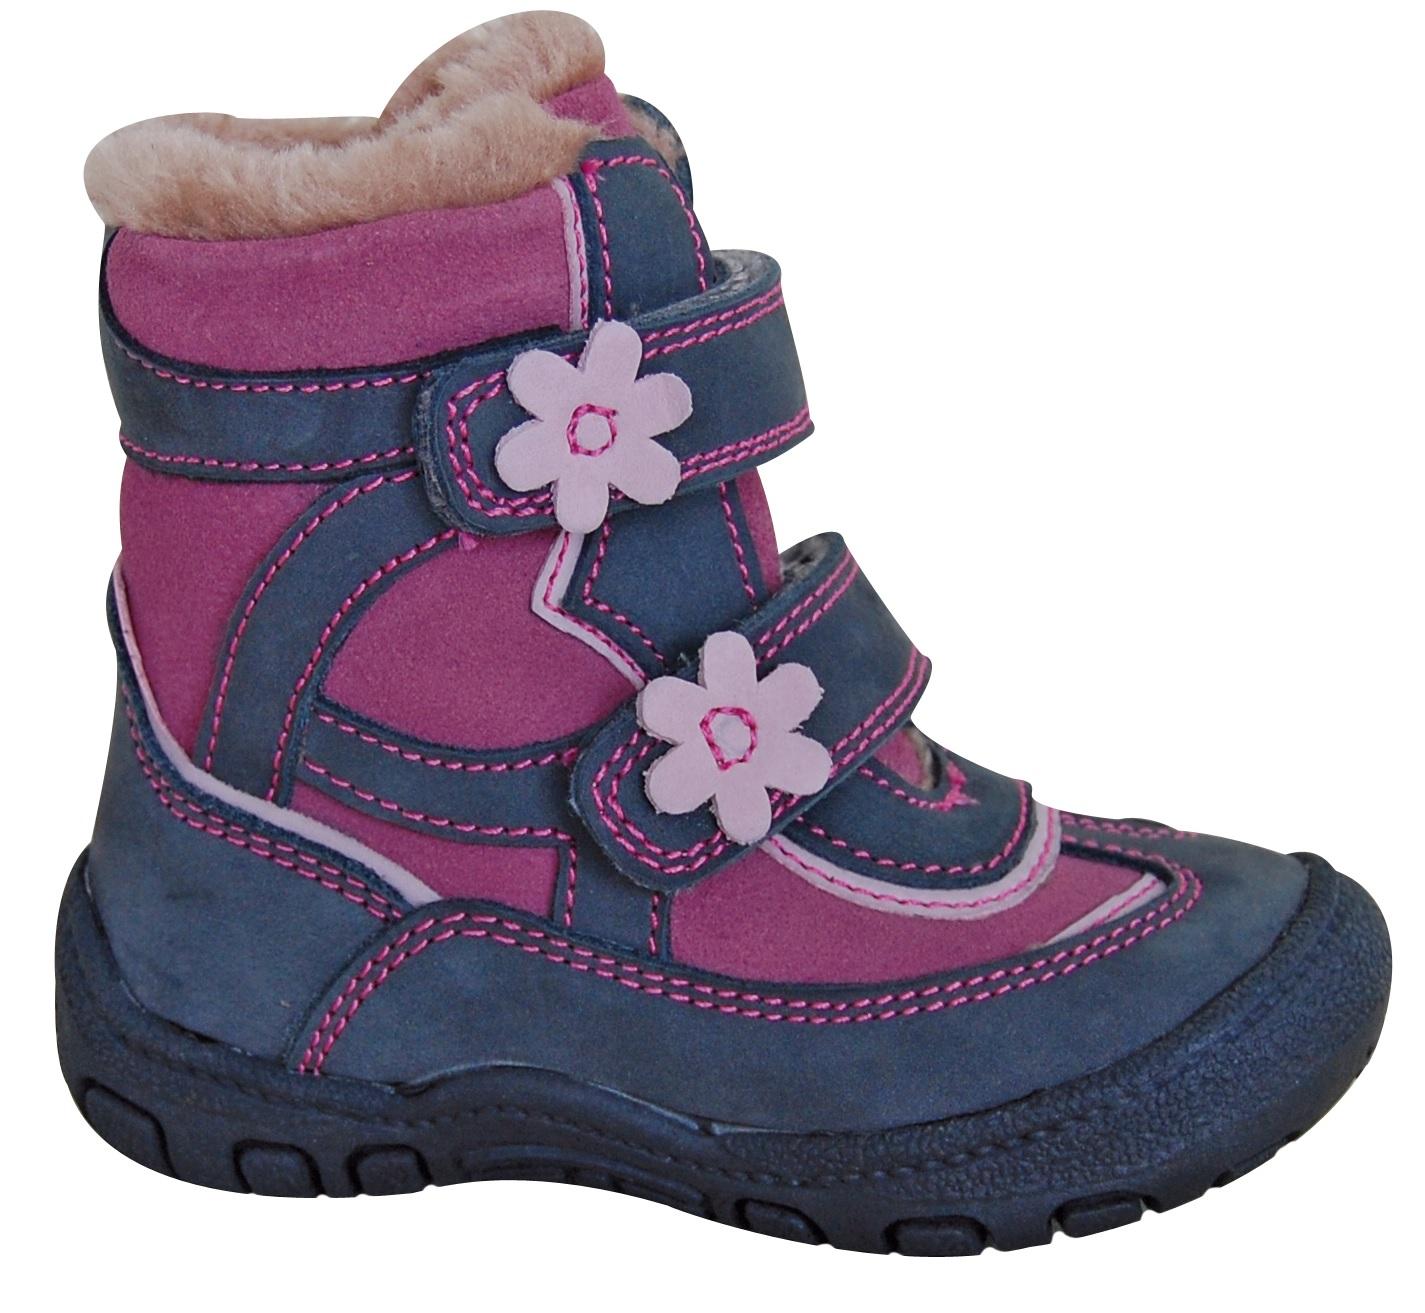 Protetika Dievčenské zimné topánky s kvietkami Diana - šedé bad8800680a